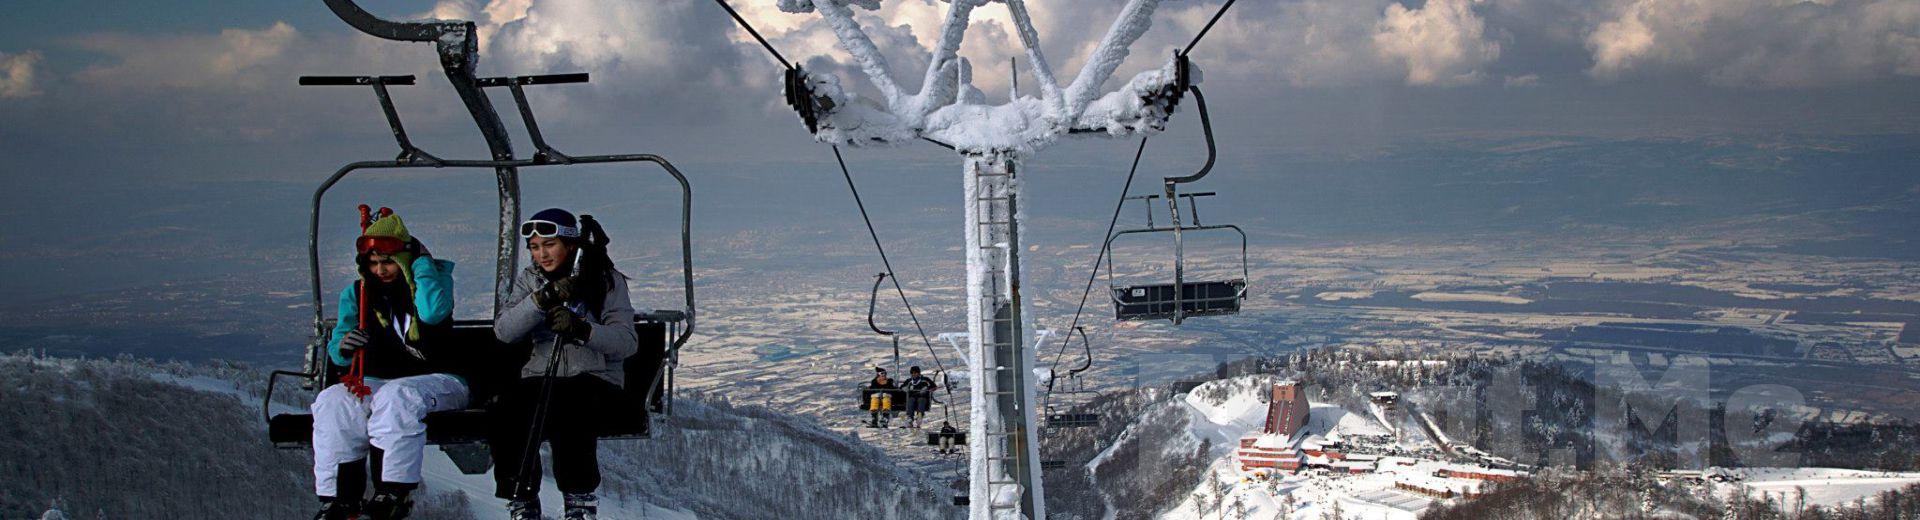 Günübirlik Kartepe Kayak Turu Öğle Yemeği Seçeneğiyle (Haftanın Her günü Hareketli)